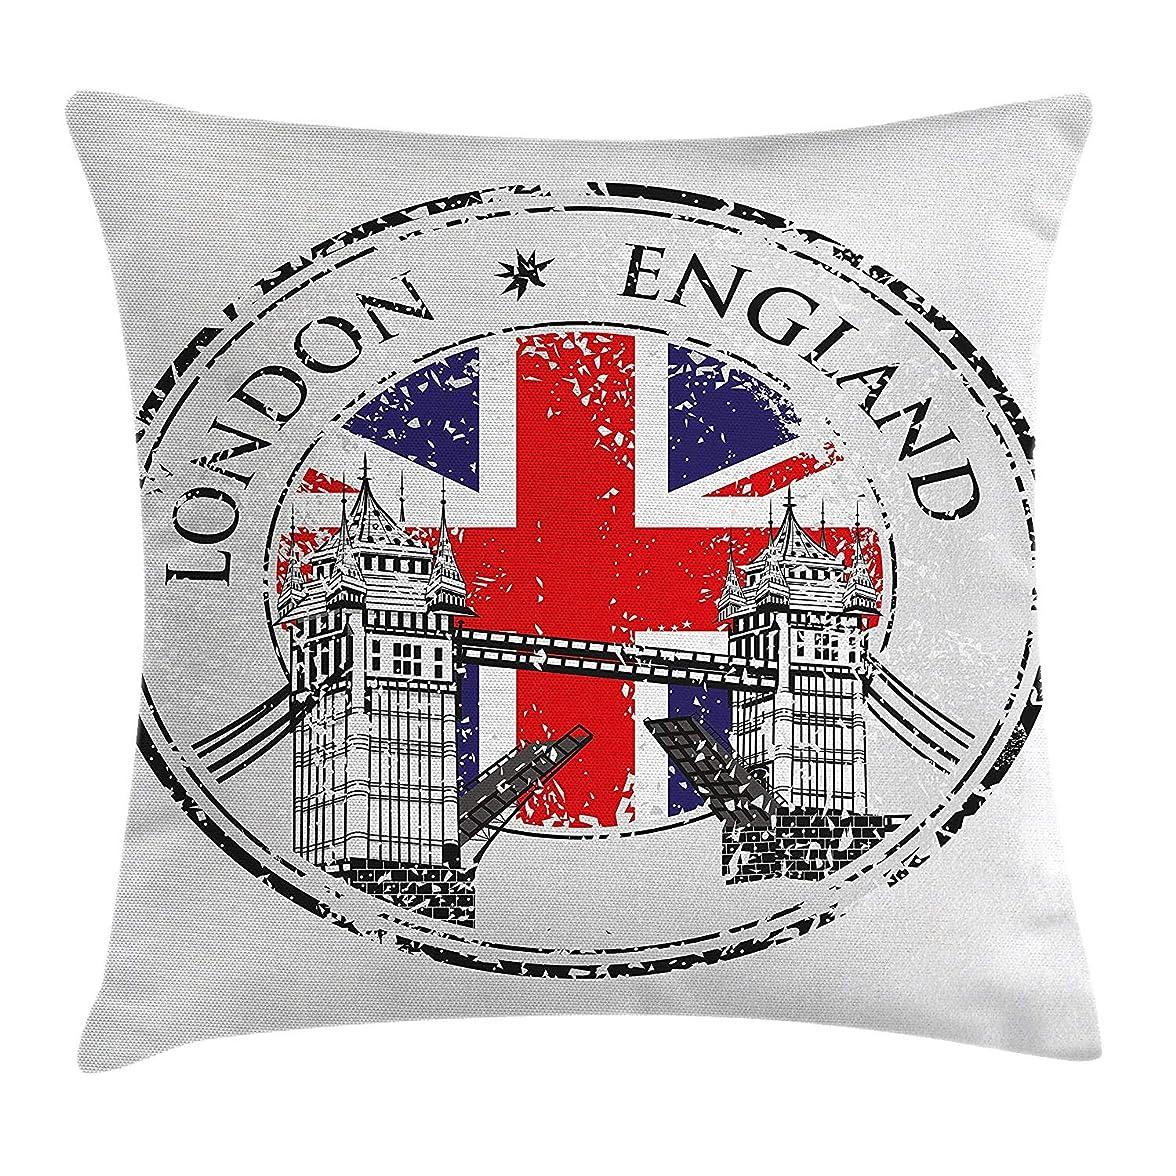 慣らす赤外線広くBritish Throw Pillow Cushion Cover, London England Grunge Stamp with Flag Nostalgic National Graphic, Decorative Square Accent Pillow Case, Scarlet Navy Blue Light Grey Size:20 X 20 Inches/50cm x 50cm